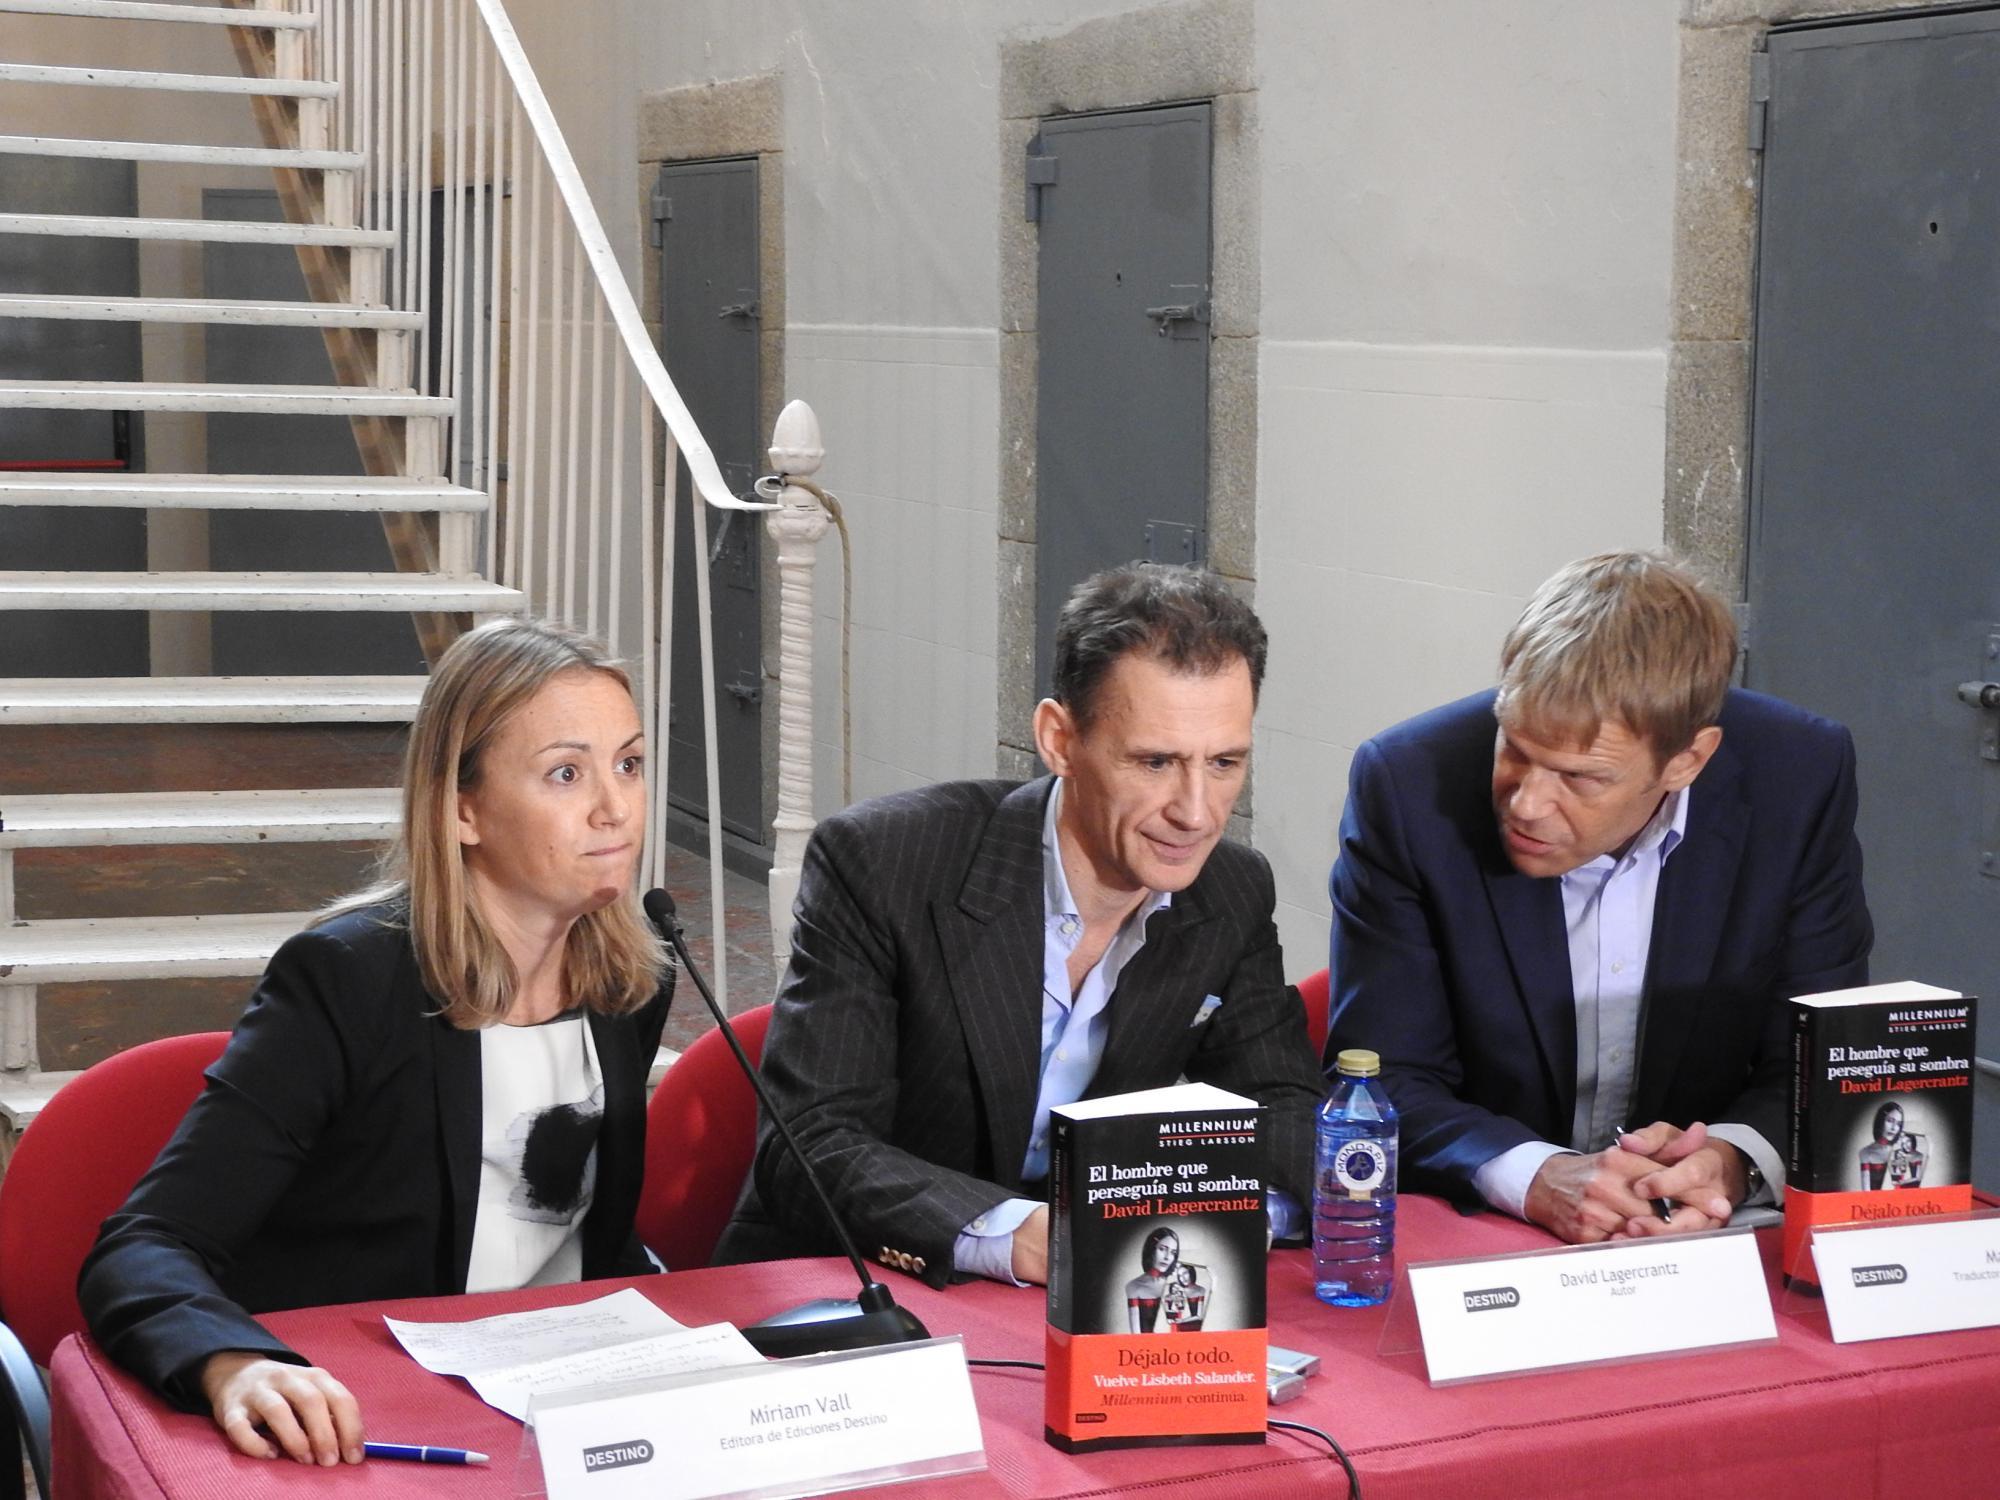 """David Lagercrantz presenta en la antigua Cárcel de Mujeres de Segovia su libro """"El hombre que perseguía su sombra"""""""